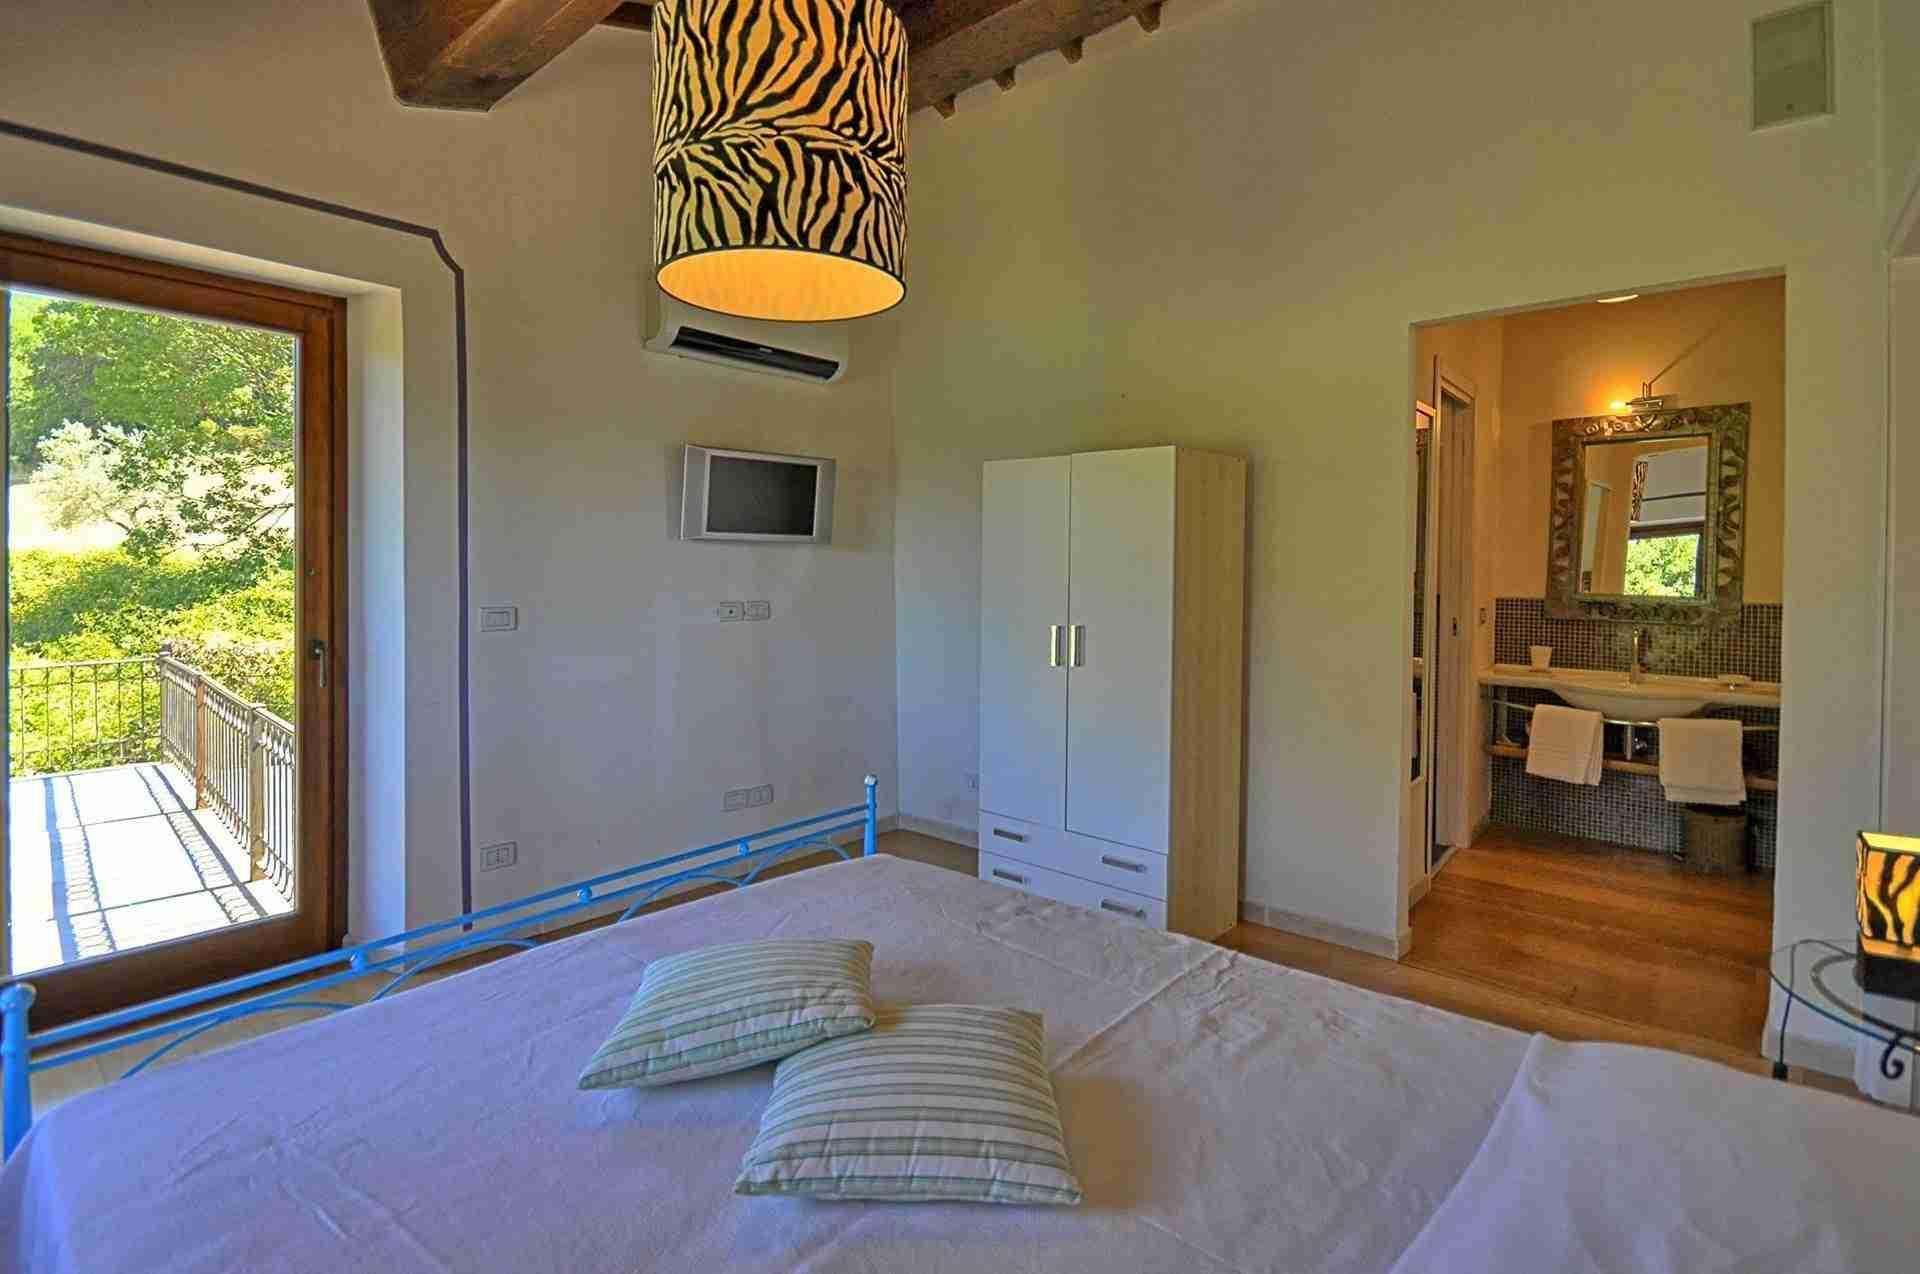 17 Perugini double bedroom